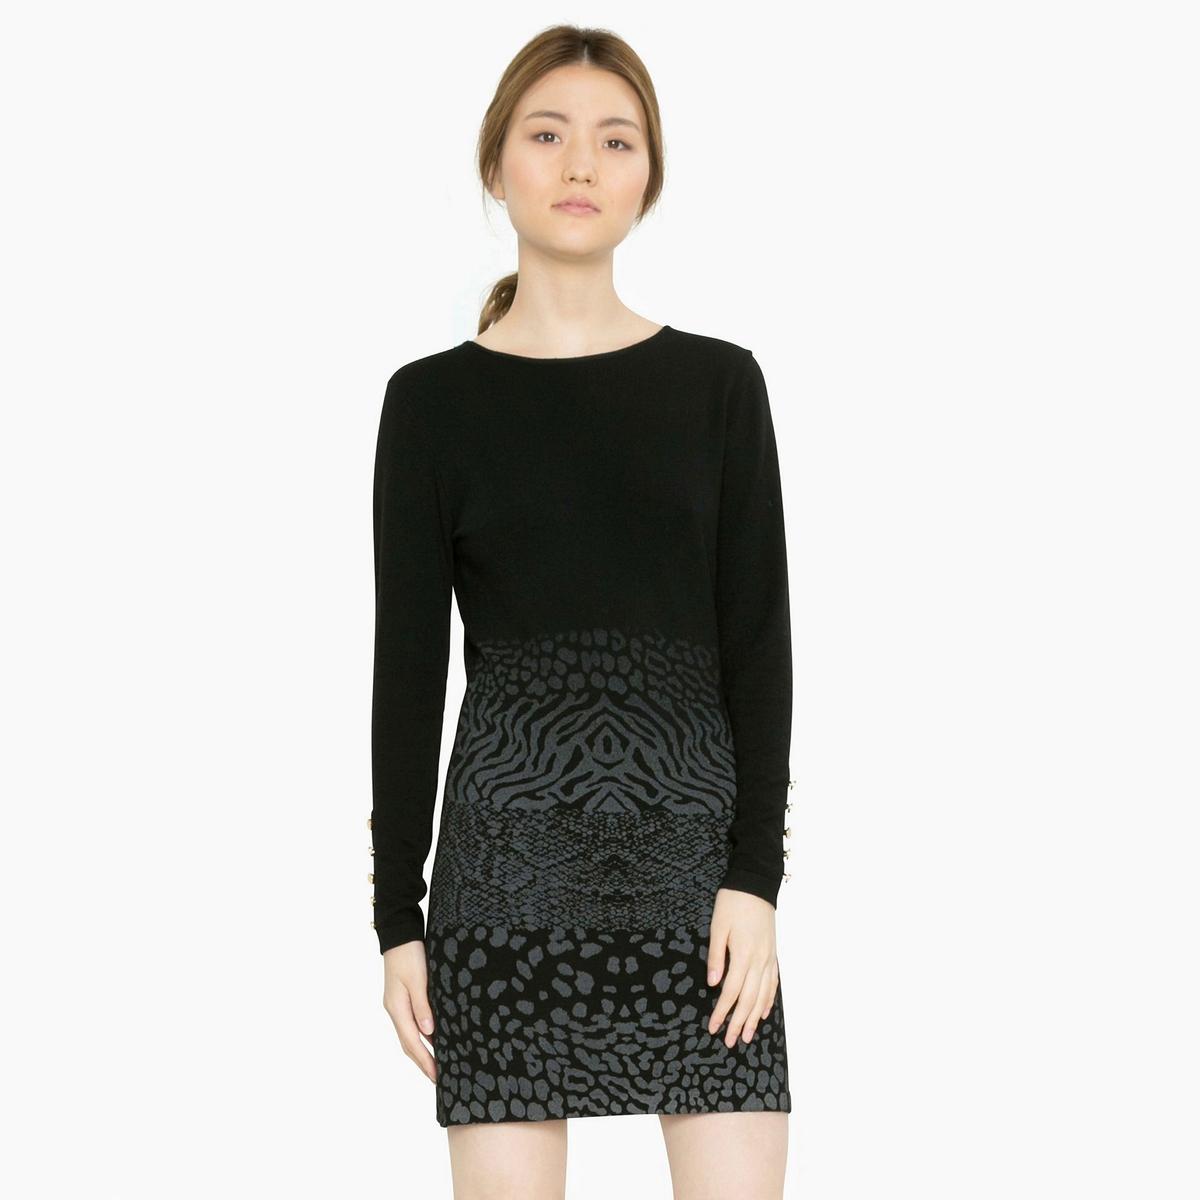 Платье короткое с длинными рукавамиДетали •  Форма : платье-пуловер •  Укороченная модель •  Длинные рукава    •  Круглый вырез  •  Графичный рисунокСостав и уход •  5% шерсти, 28% акрила, 11% полиамида, 56% полиэстера •  Следуйте рекомендациям по уходу, указанным на этикетке изделия<br><br>Цвет: черный